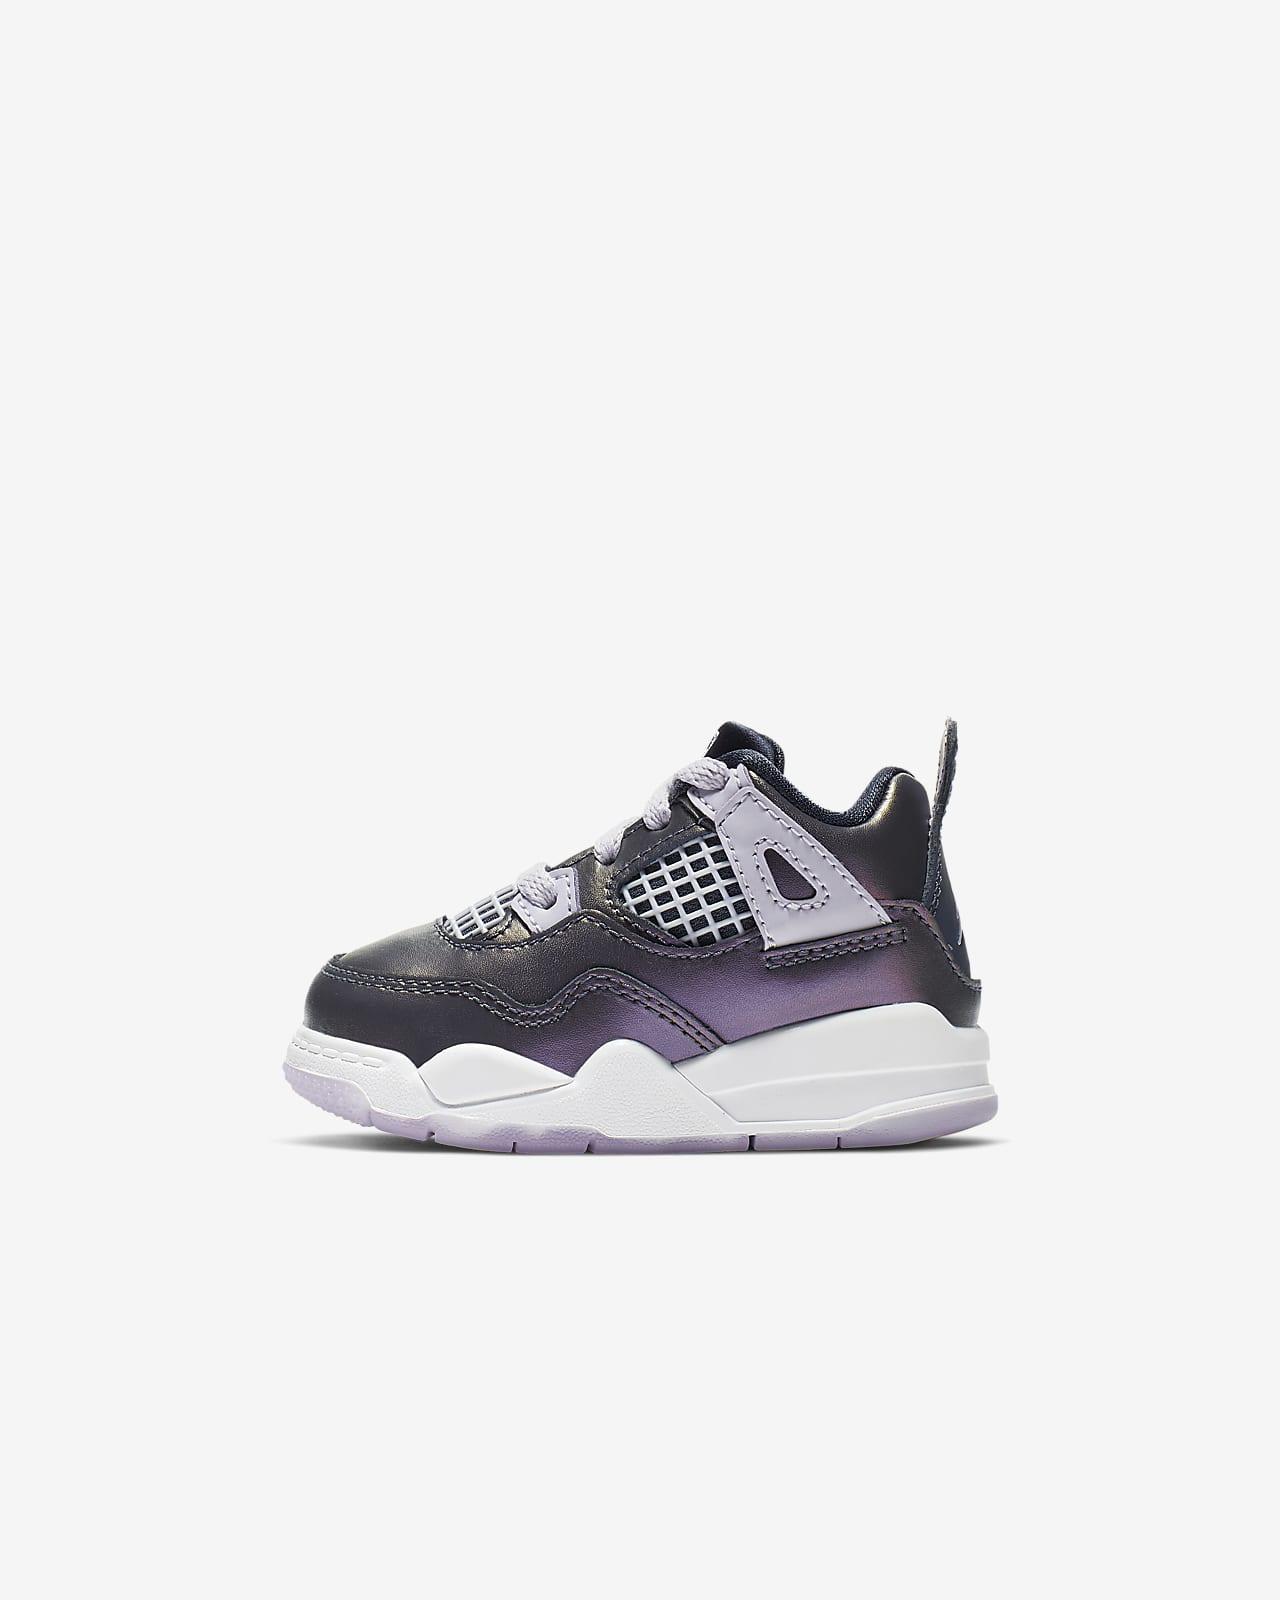 Jordan 4 Retro SE Baby/Toddler Shoe